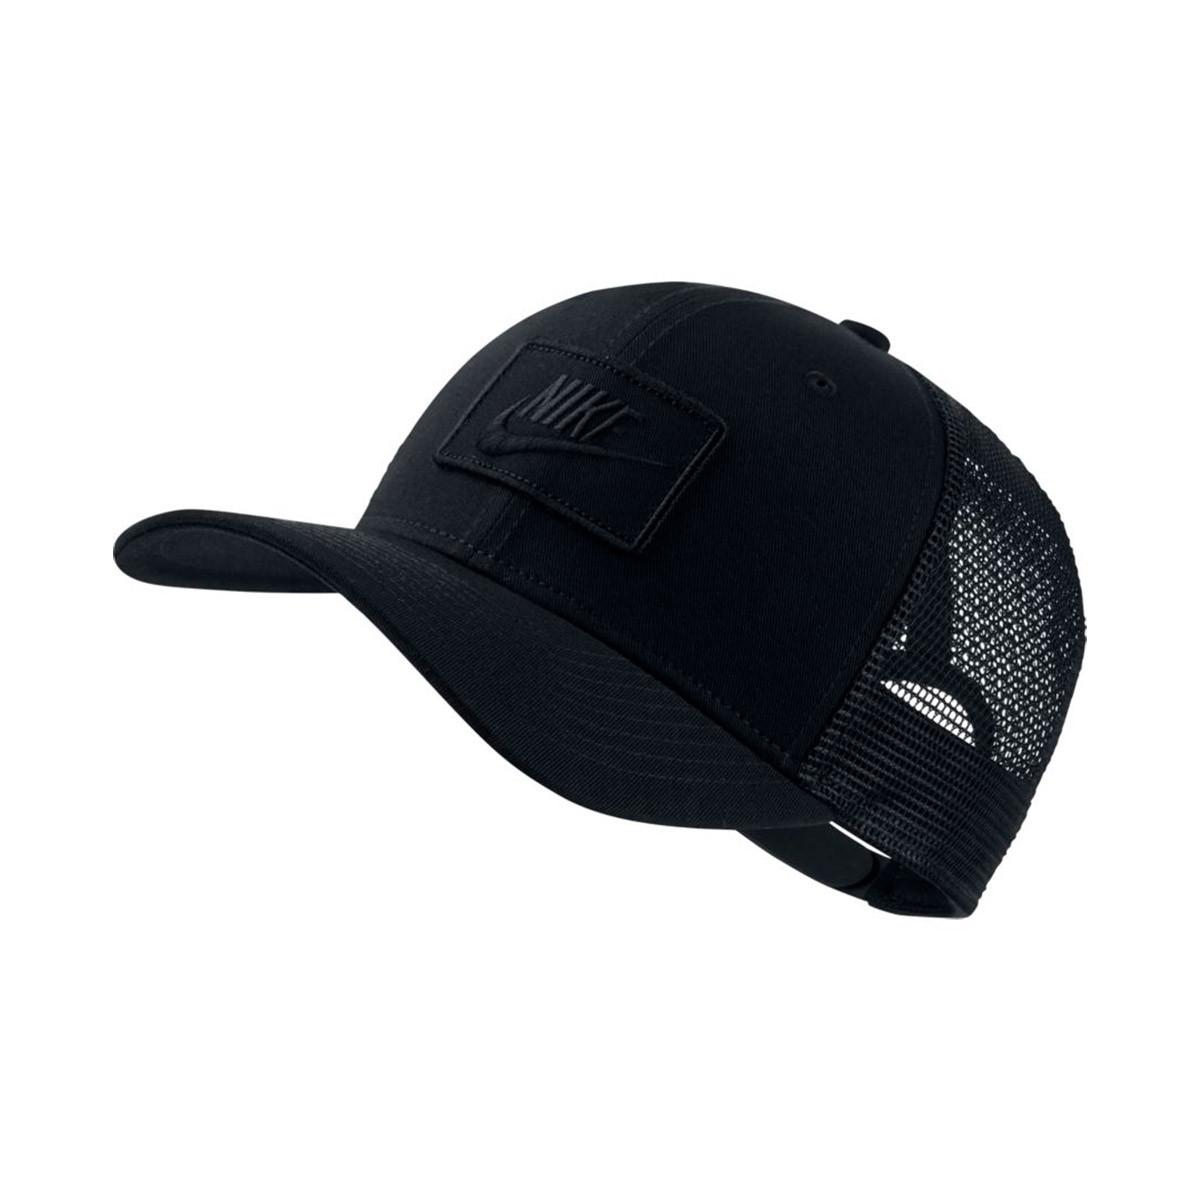 100% originale modelli alla moda molte scelte di Cappello Nike Sportswear Classic99